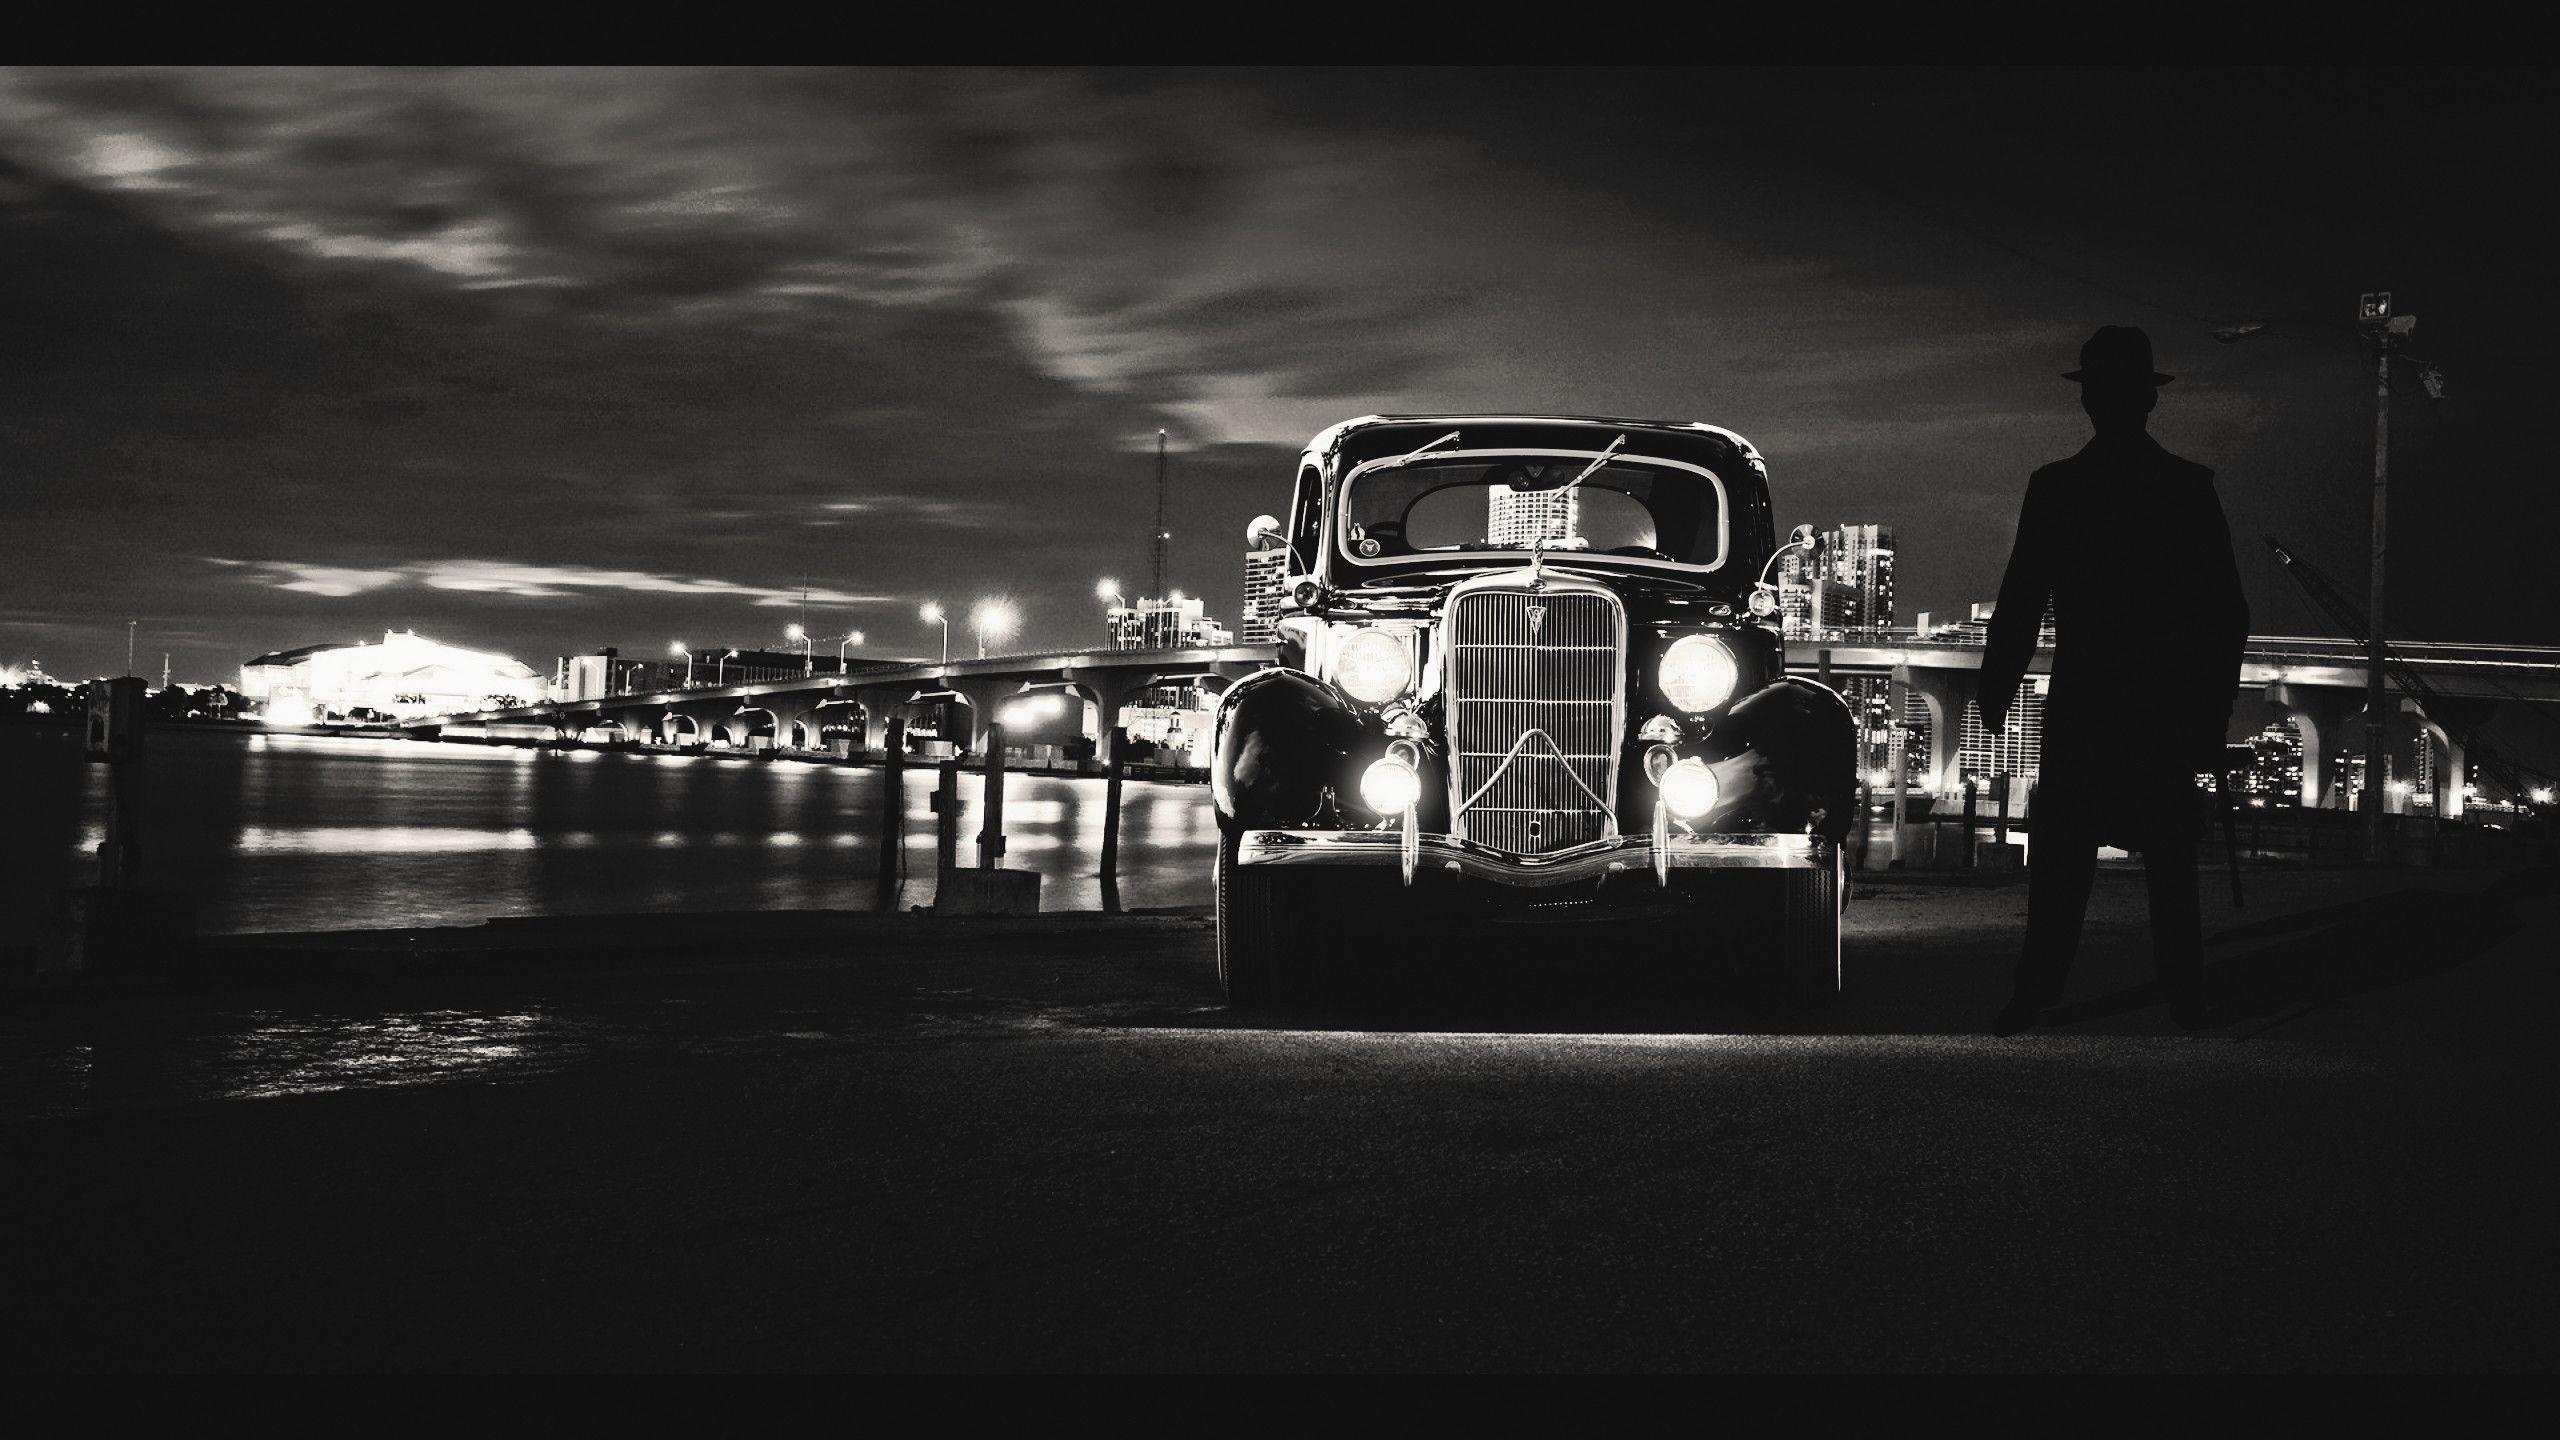 Noir Wallpapers Top Free Noir Backgrounds Wallpaperaccess